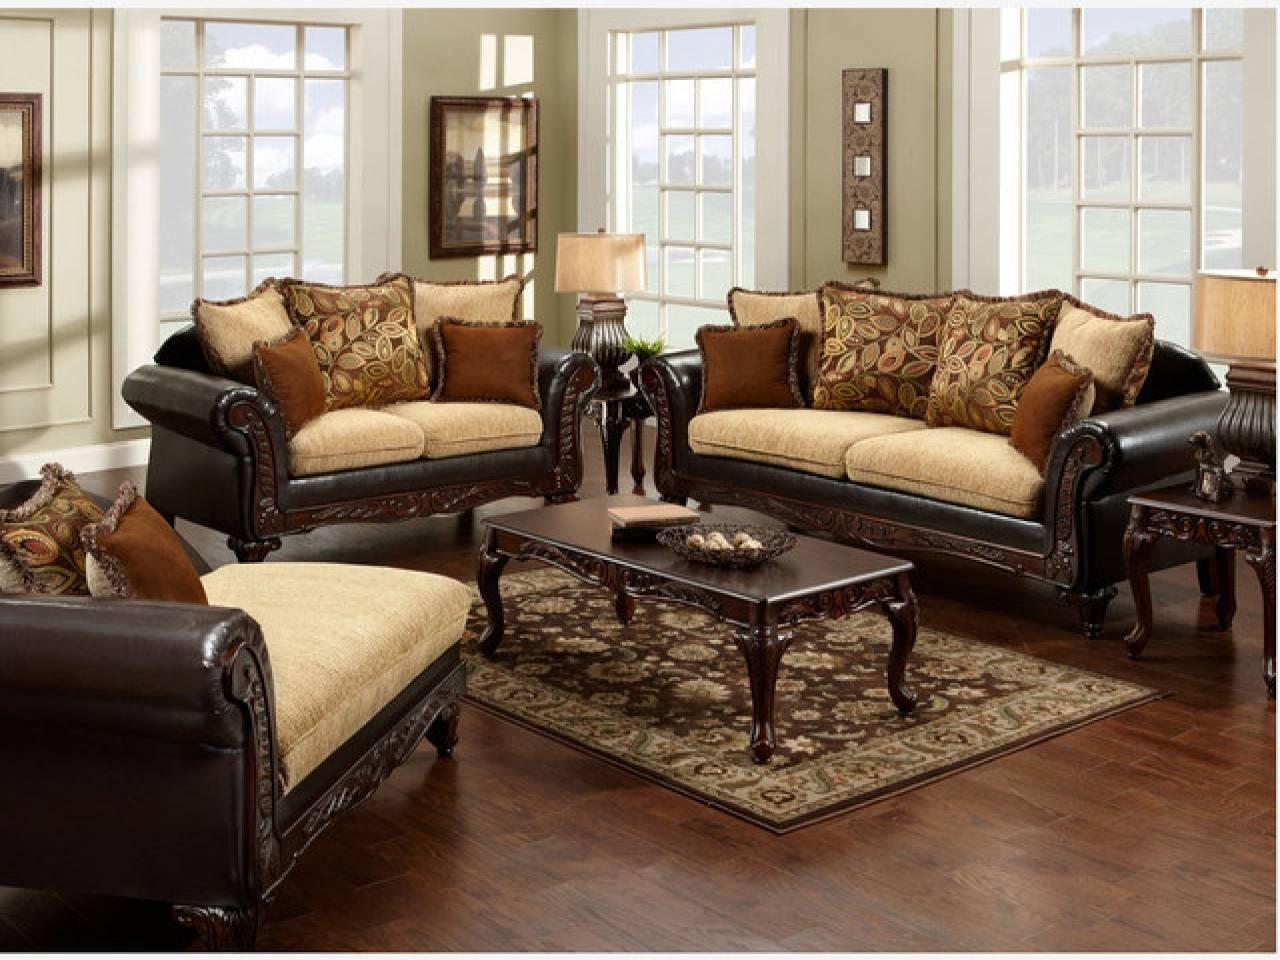 Leather Cloth Sofa Sofa Leather Fabric Single Cushion Cute Claw for Leather and Cloth Sofa (Image 14 of 25)